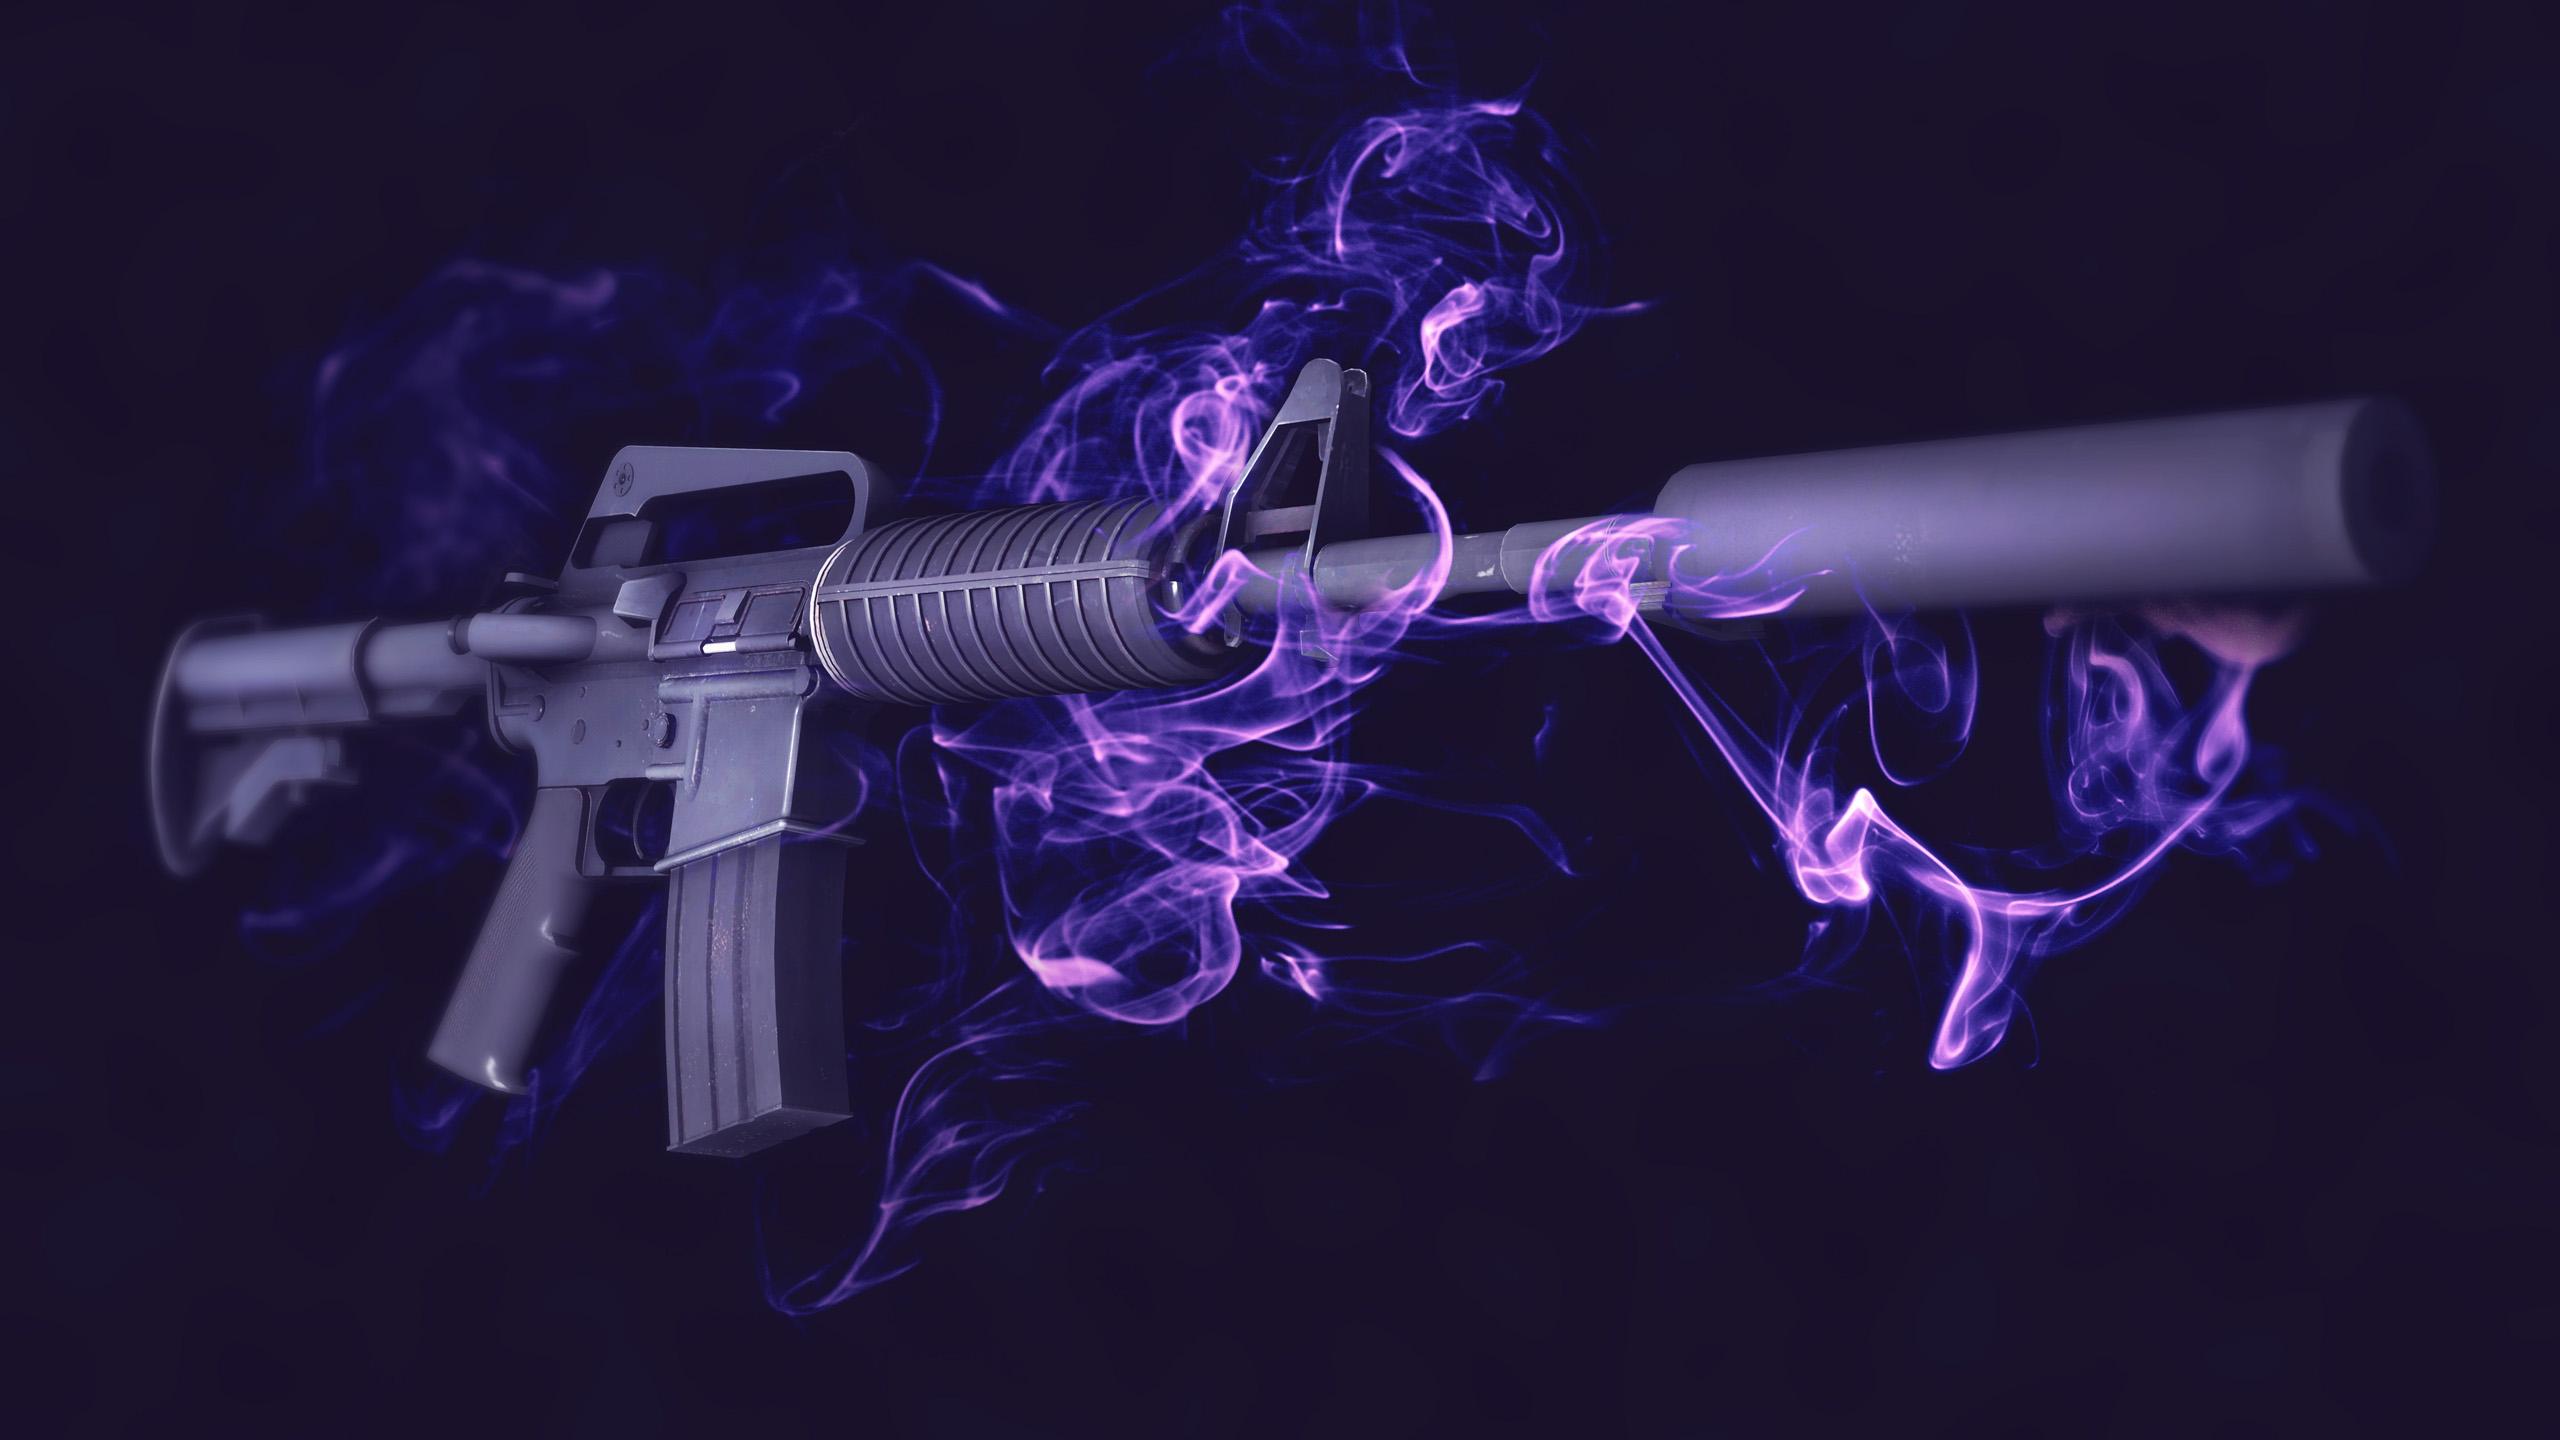 M4A1-S Purple Fire